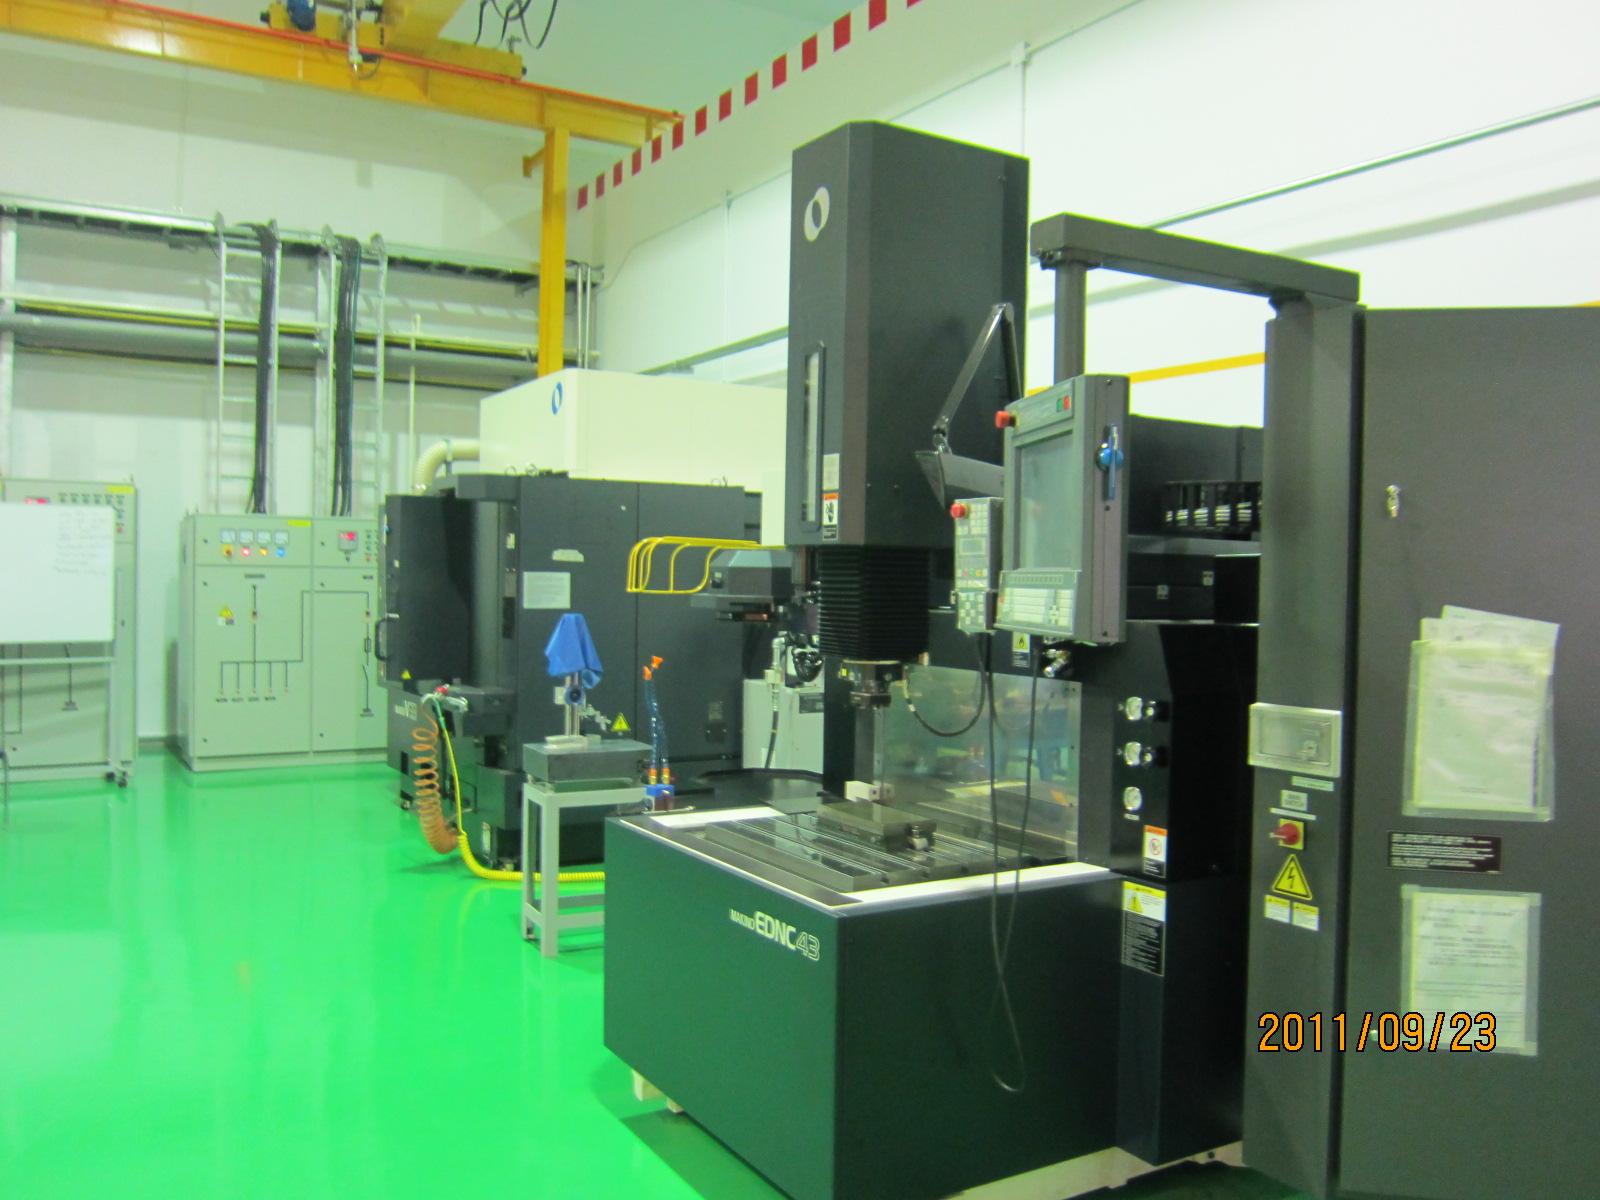 マキノV-33稼動しました.射出成形用金型製造の機械です_b0100062_198651.jpg